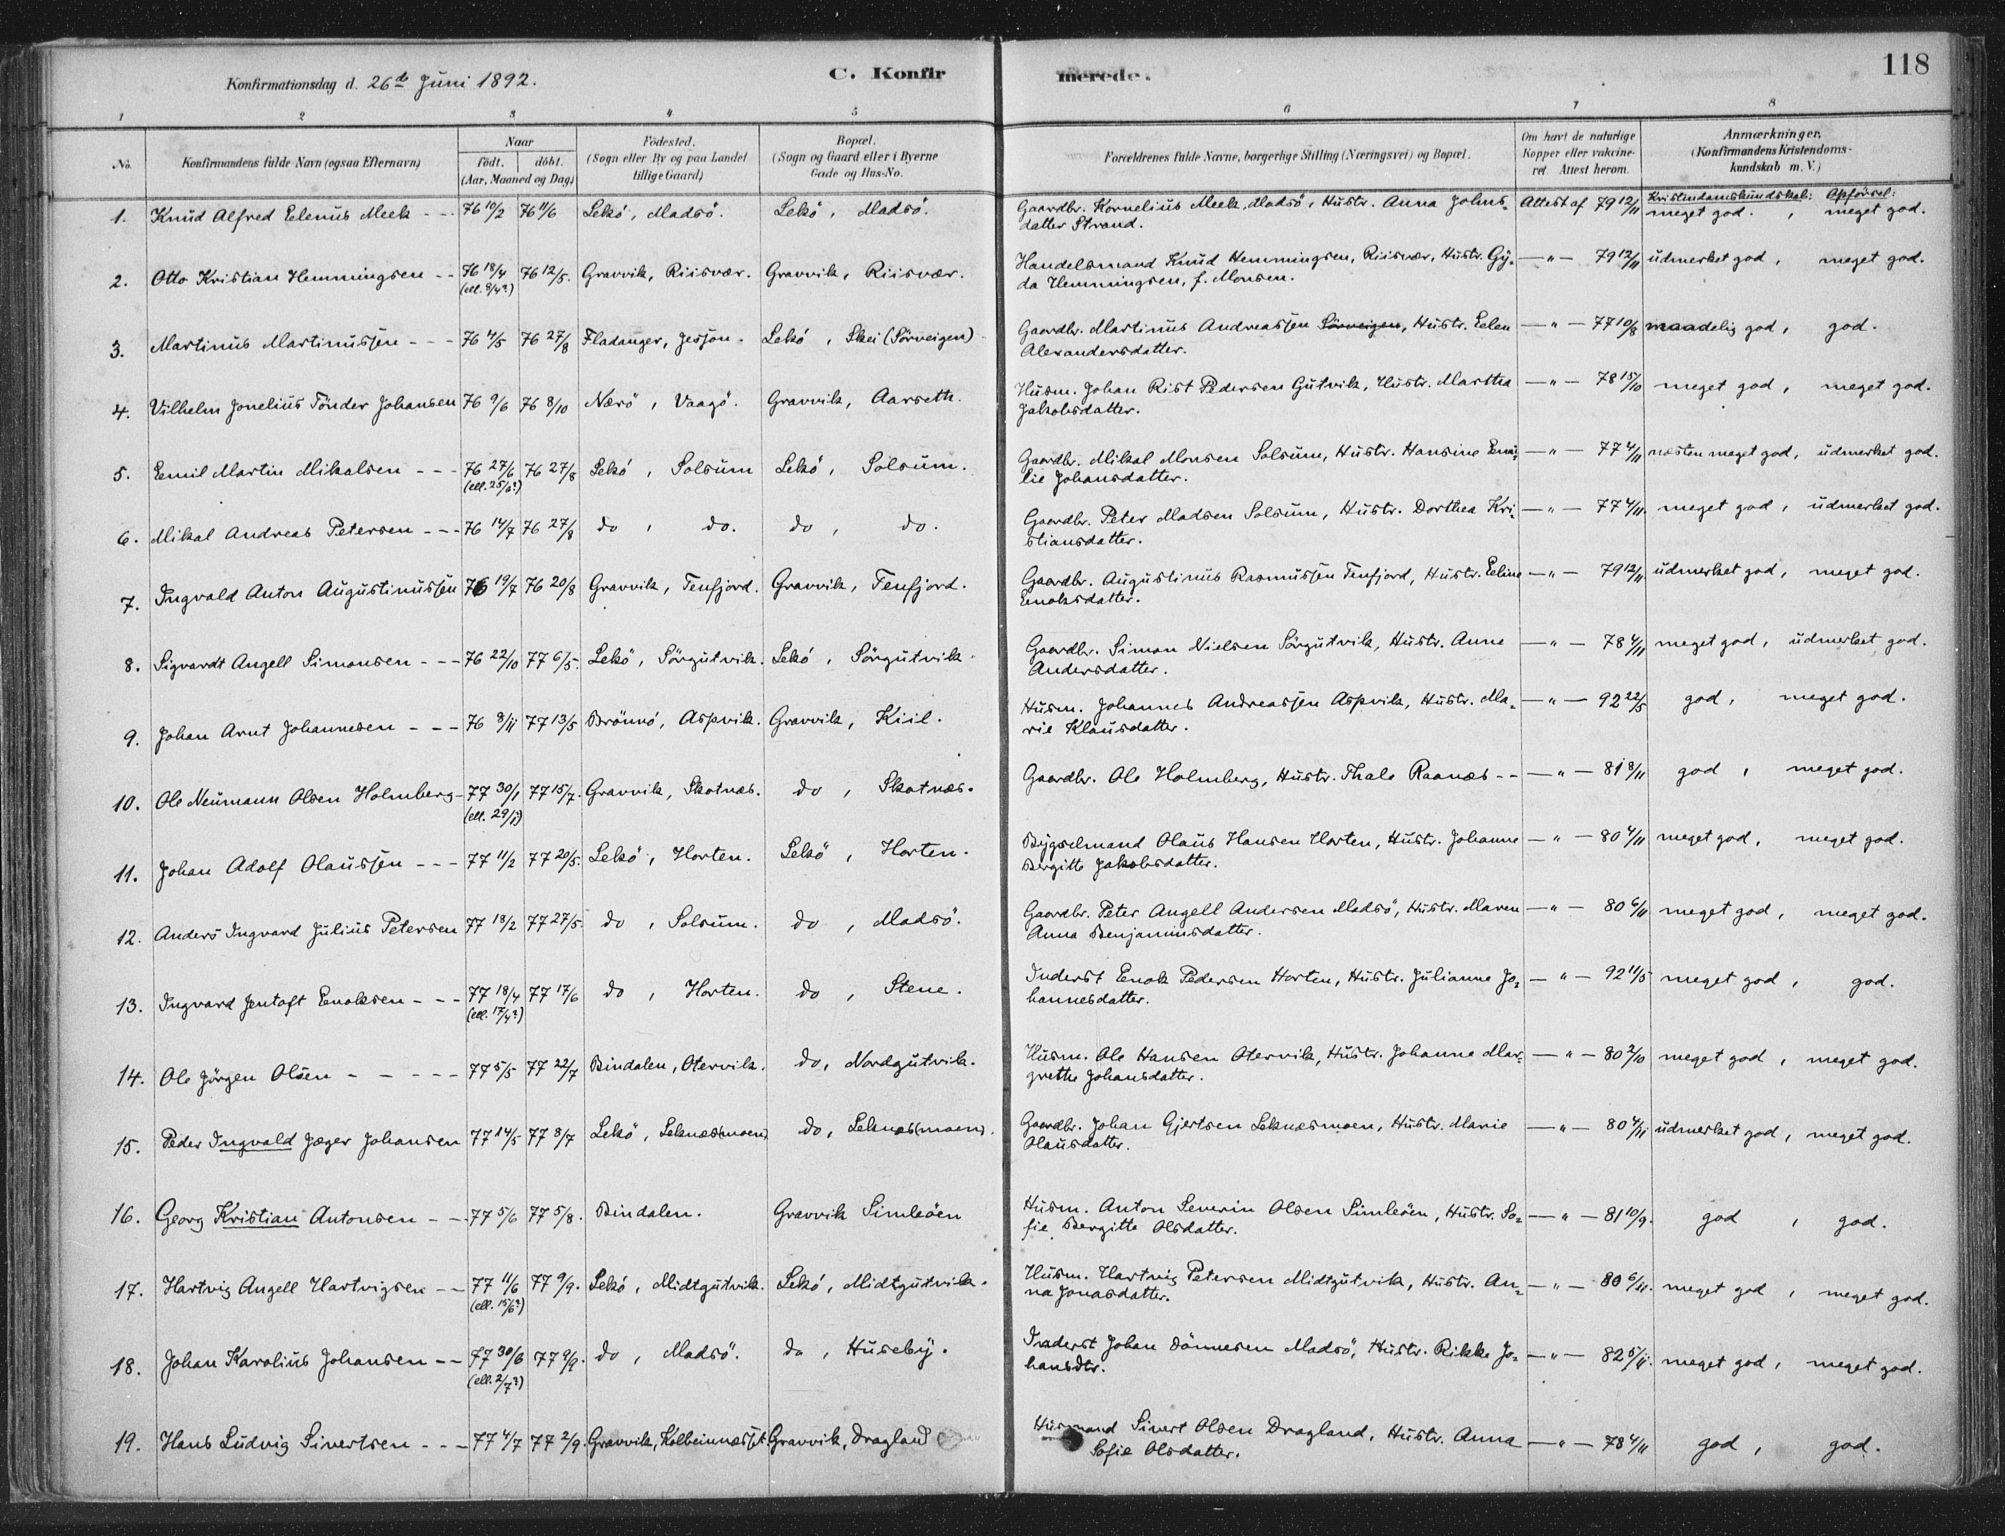 SAT, Ministerialprotokoller, klokkerbøker og fødselsregistre - Nord-Trøndelag, 788/L0697: Ministerialbok nr. 788A04, 1878-1902, s. 118